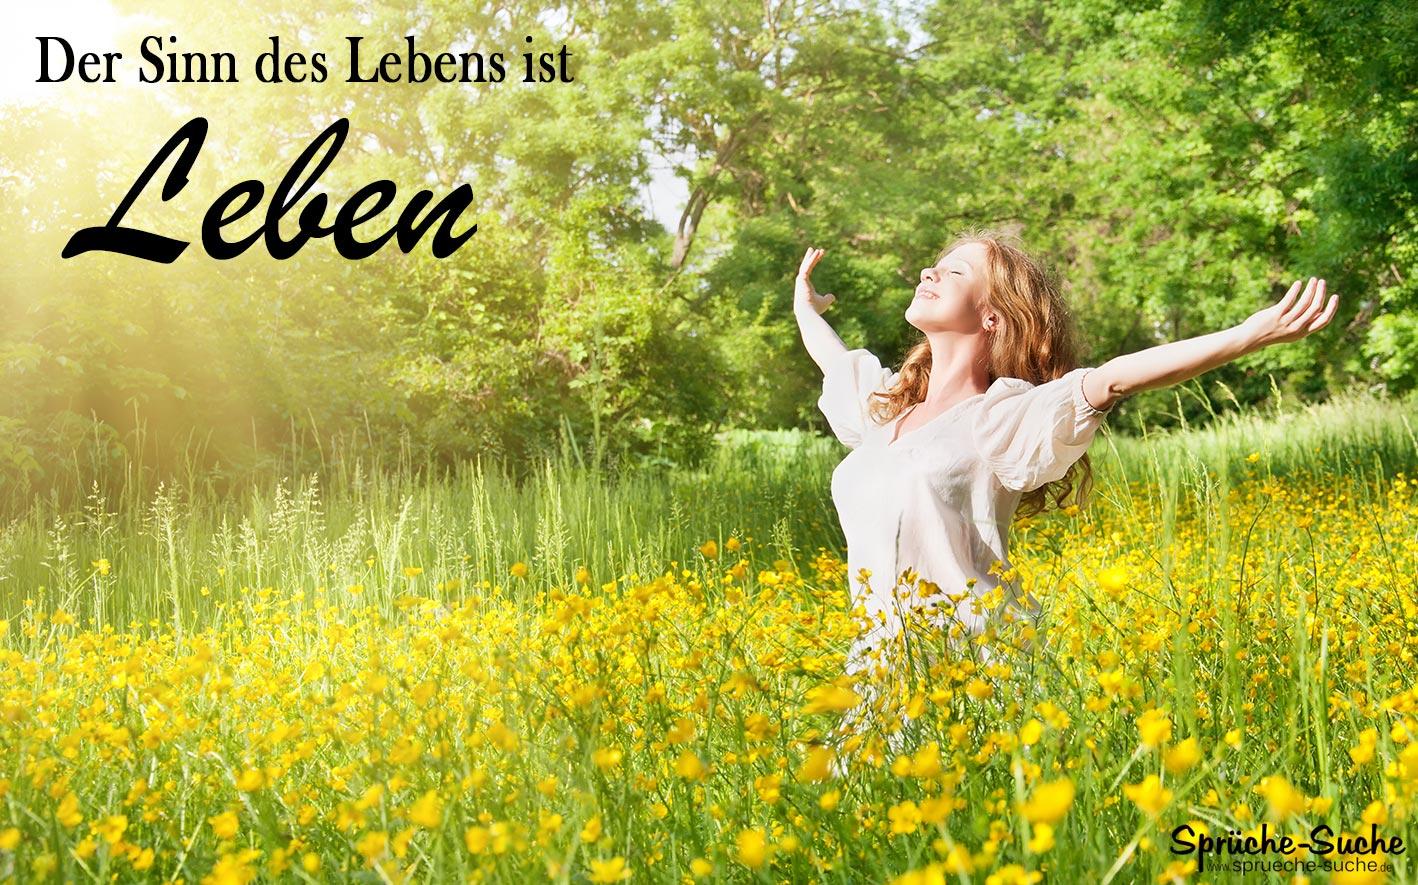 Attraktiv Sprüche Lebensweisheiten Das Beste Von Der Sinn Des Lebens Ist Leben!